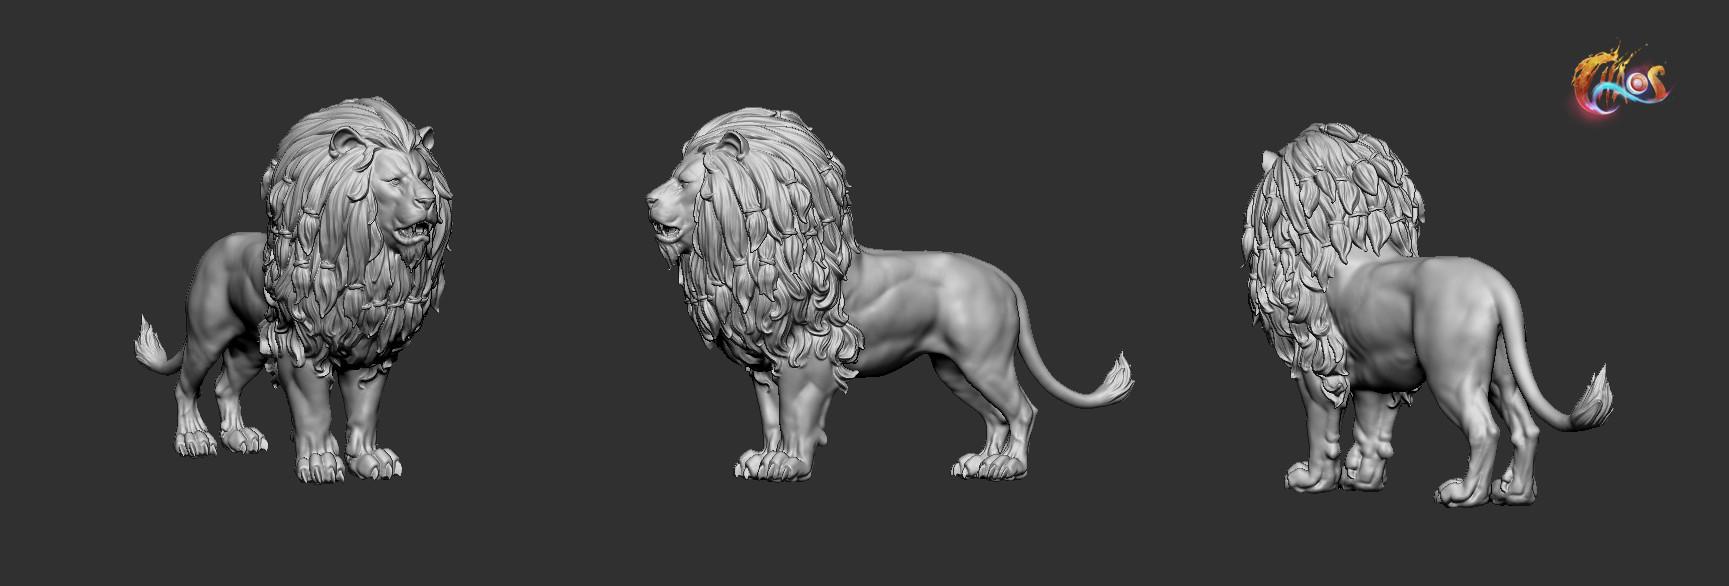 Martin nikolov lion zb03